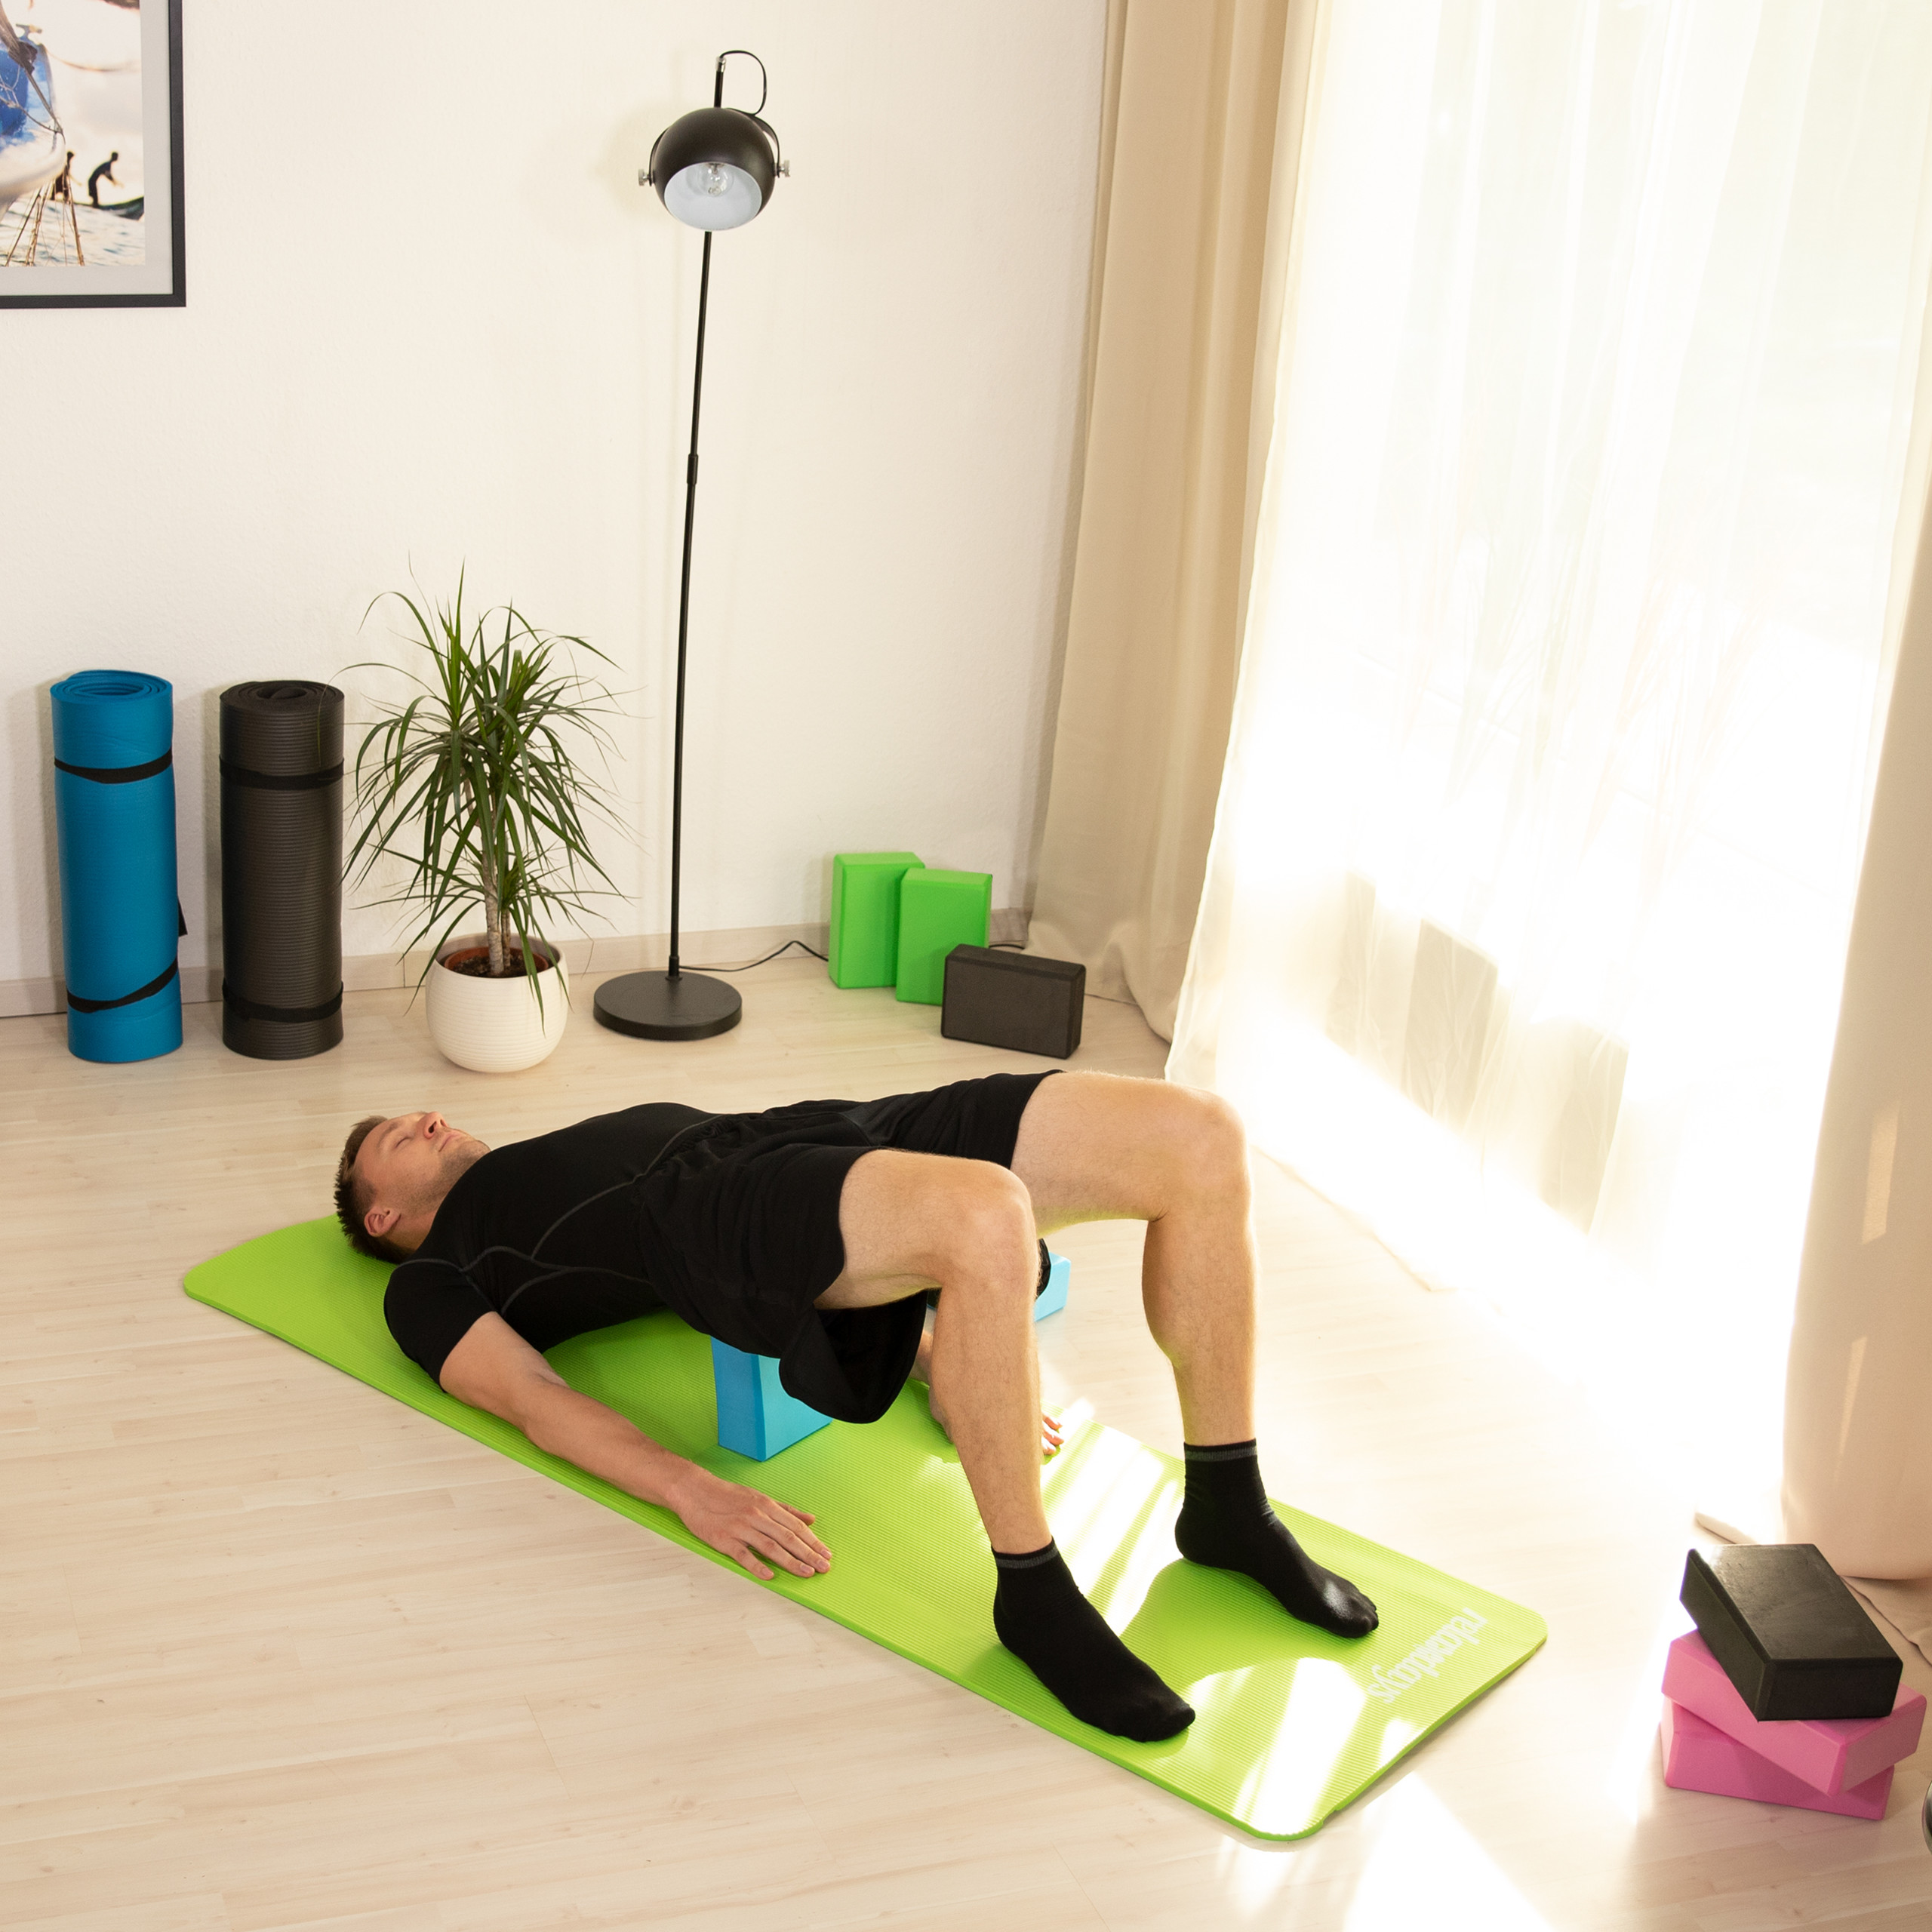 Pack-de-2-bloques-yoga-de-gomaespuma-Tacos-yoga-en-varios-colores-Ladrillos-yoga miniatura 19